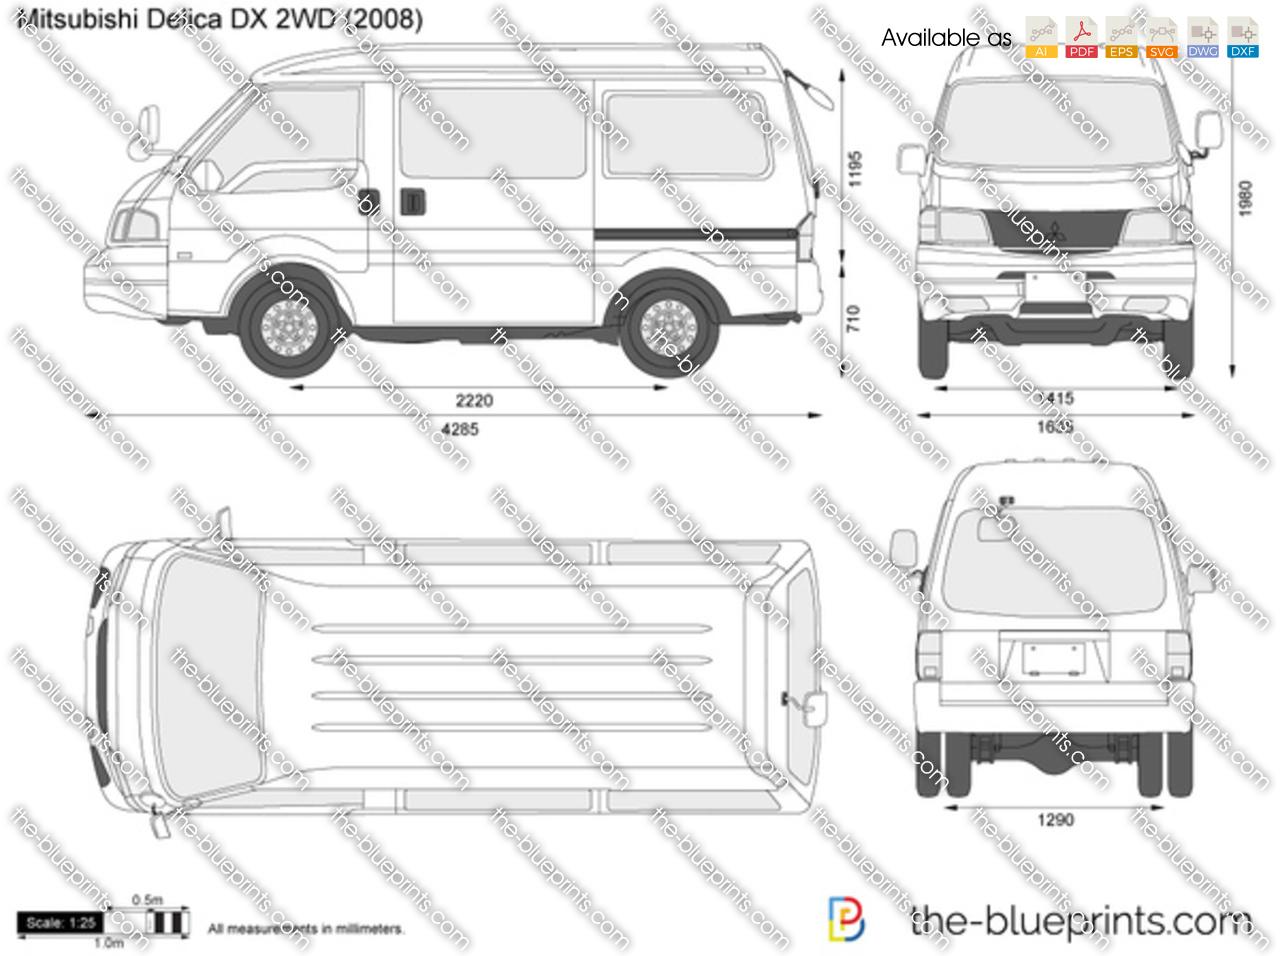 Mitsubishi Delica DX 2WD 1993